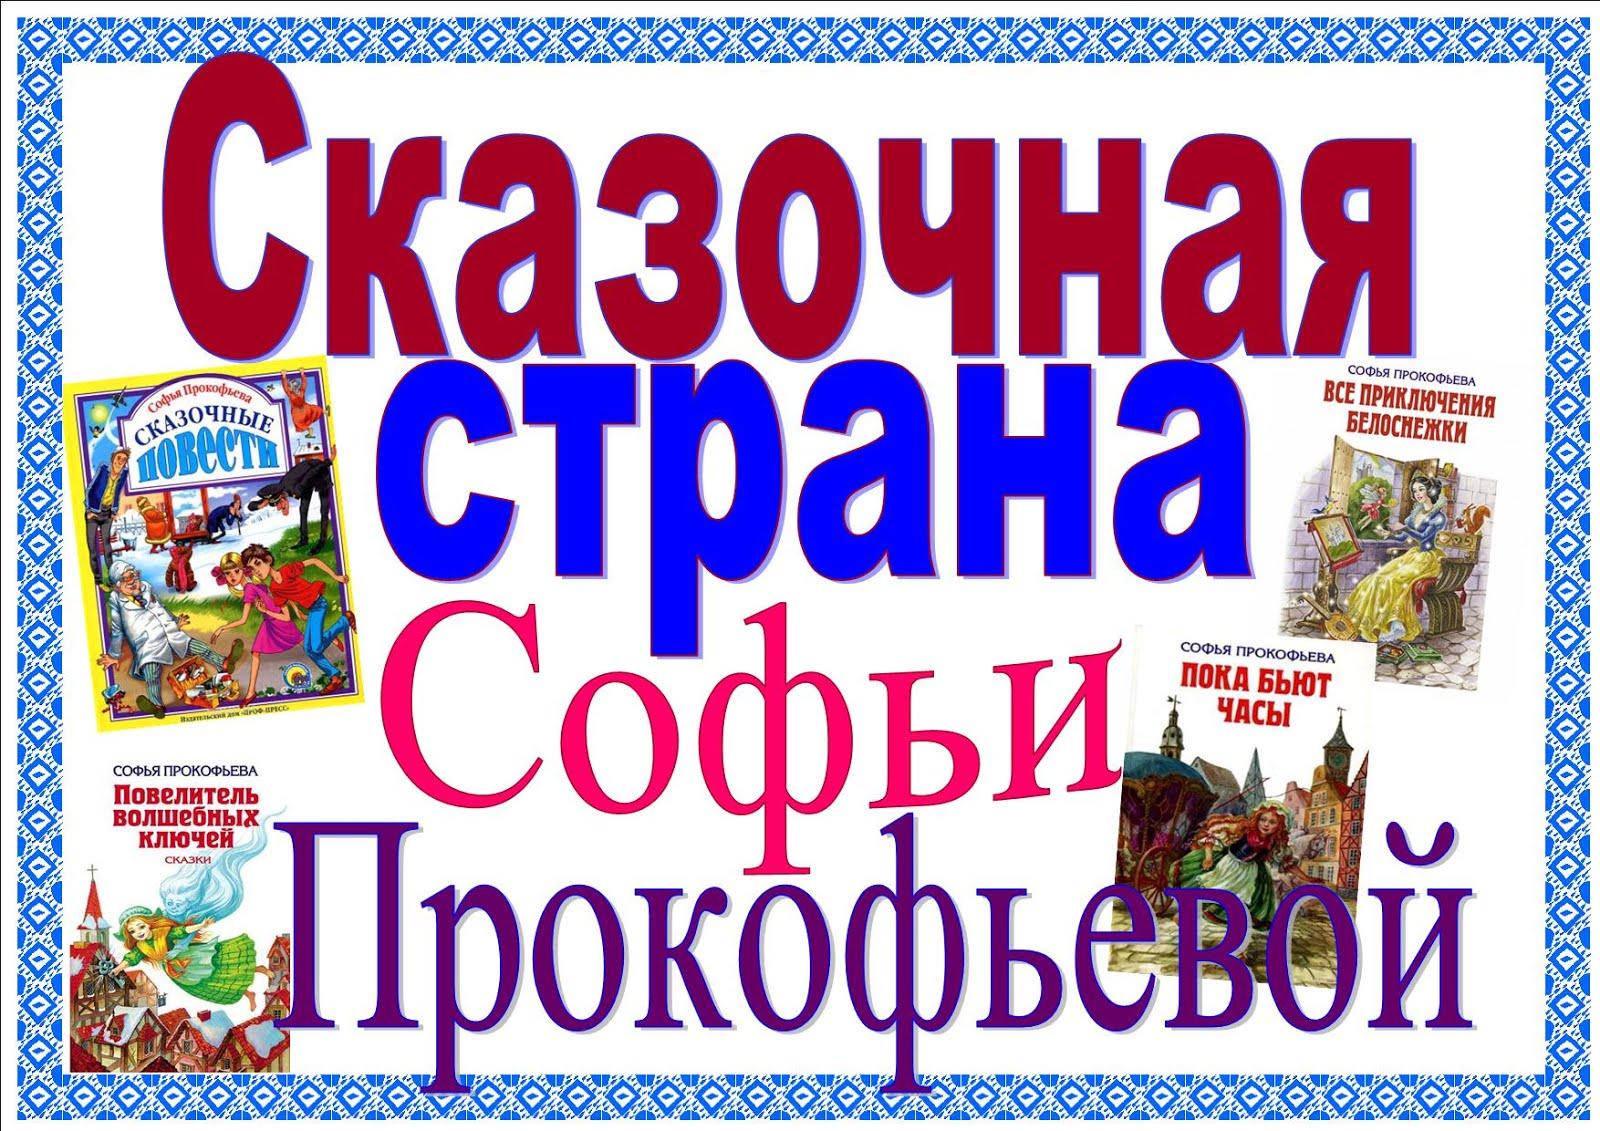 14 мая - 90 лет со дня рождения С.Л. Прокофьевой, российской  детской писательницы